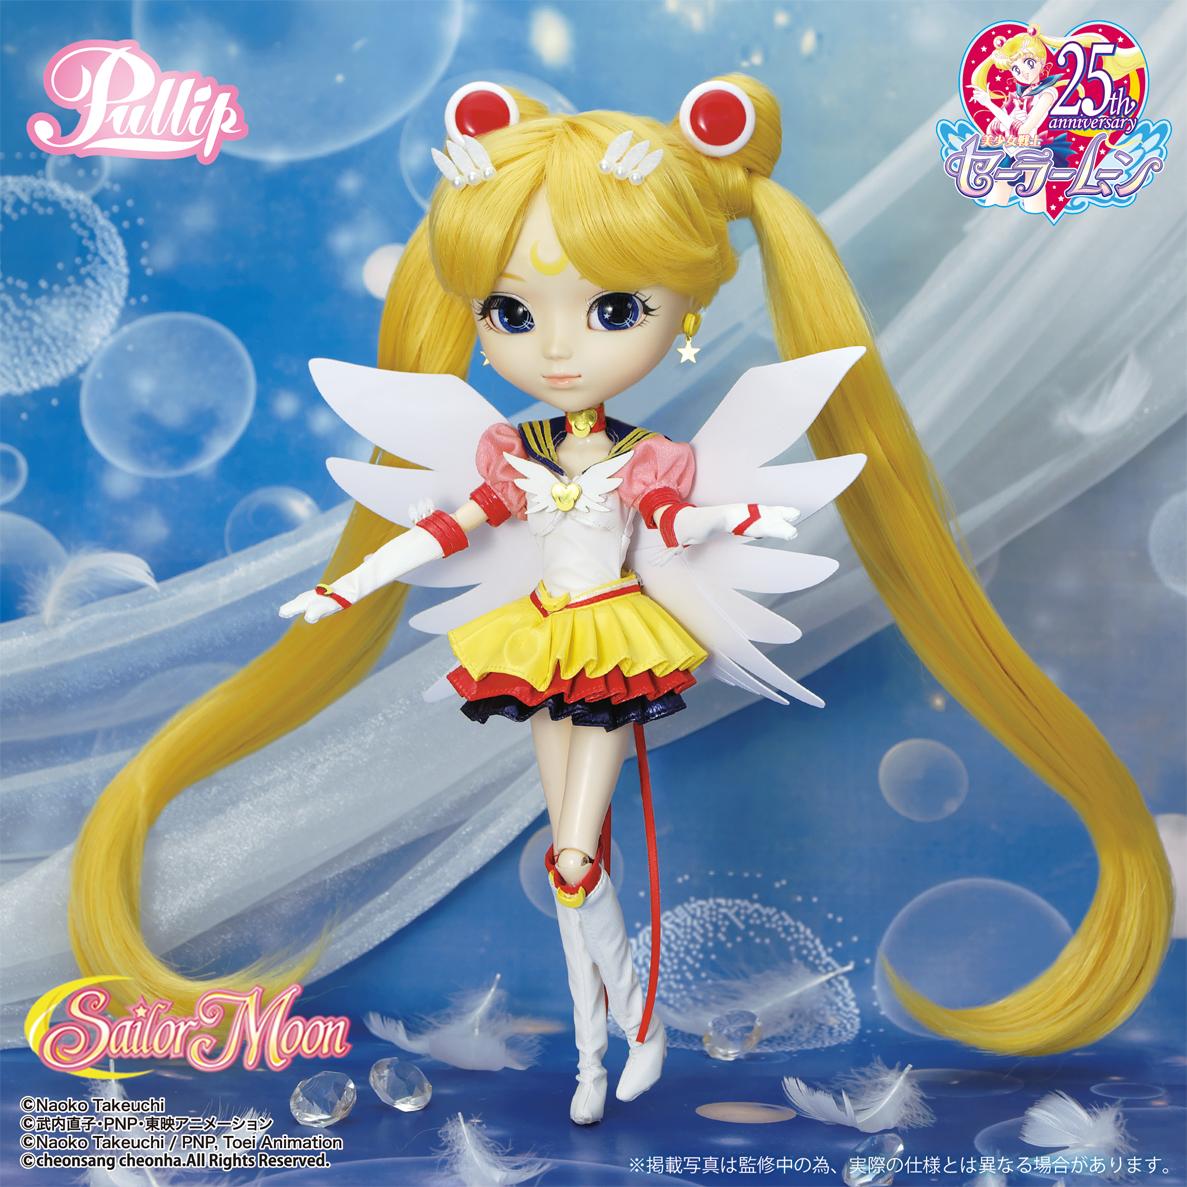 Pullip Eternal Sailor Moon (Sailor Moon)   Pullips and Junk